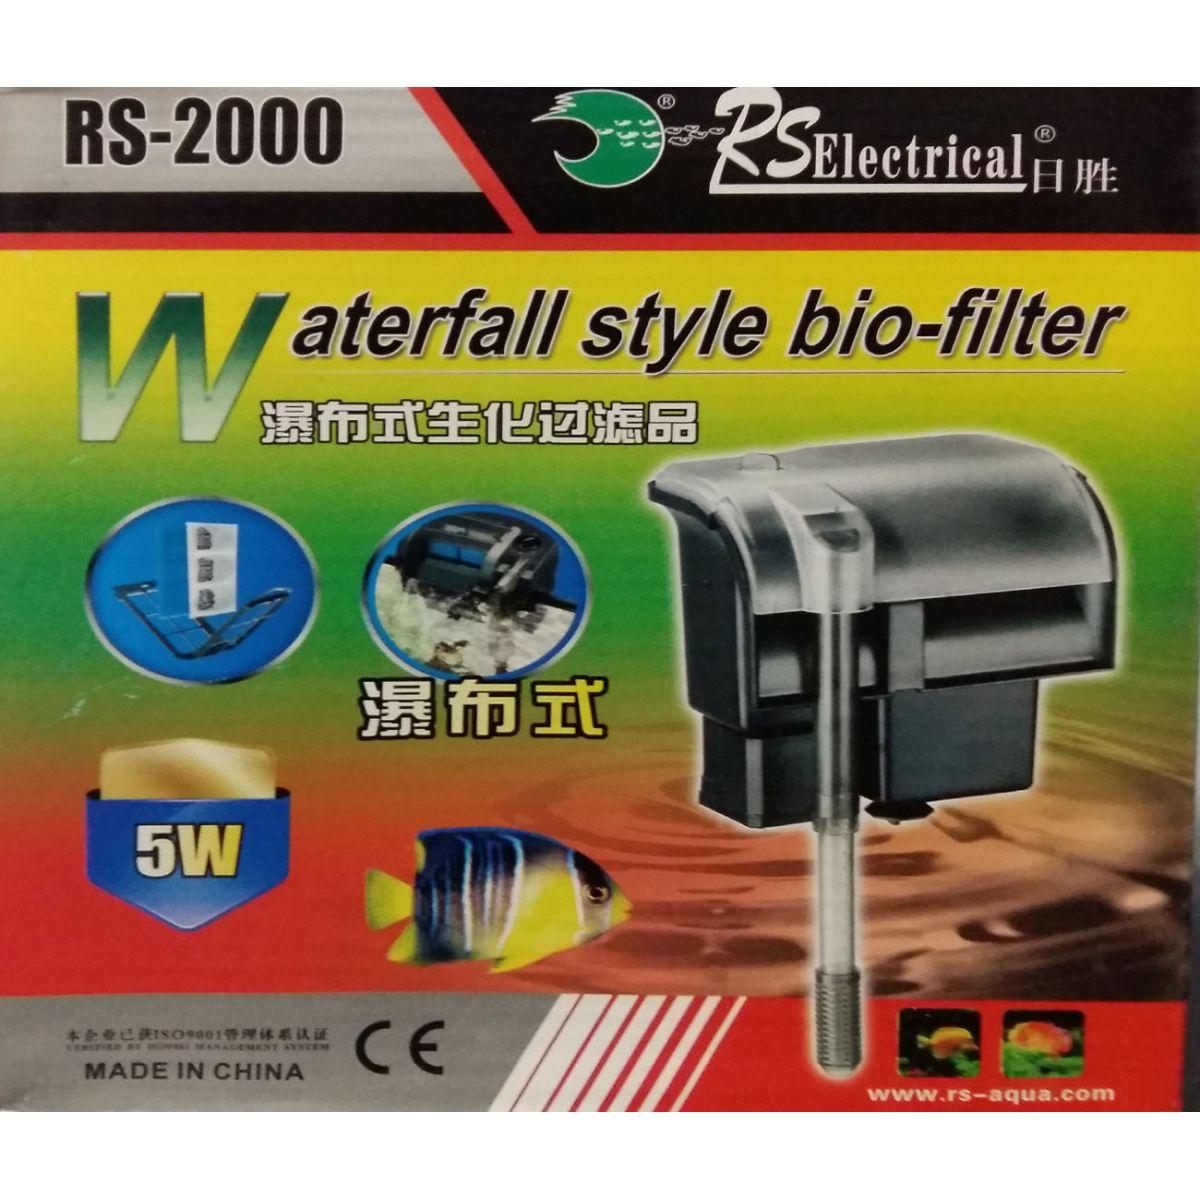 FILTRO EXTERNO HANG ON RS-2000 - RS AQUA - 110 Volts